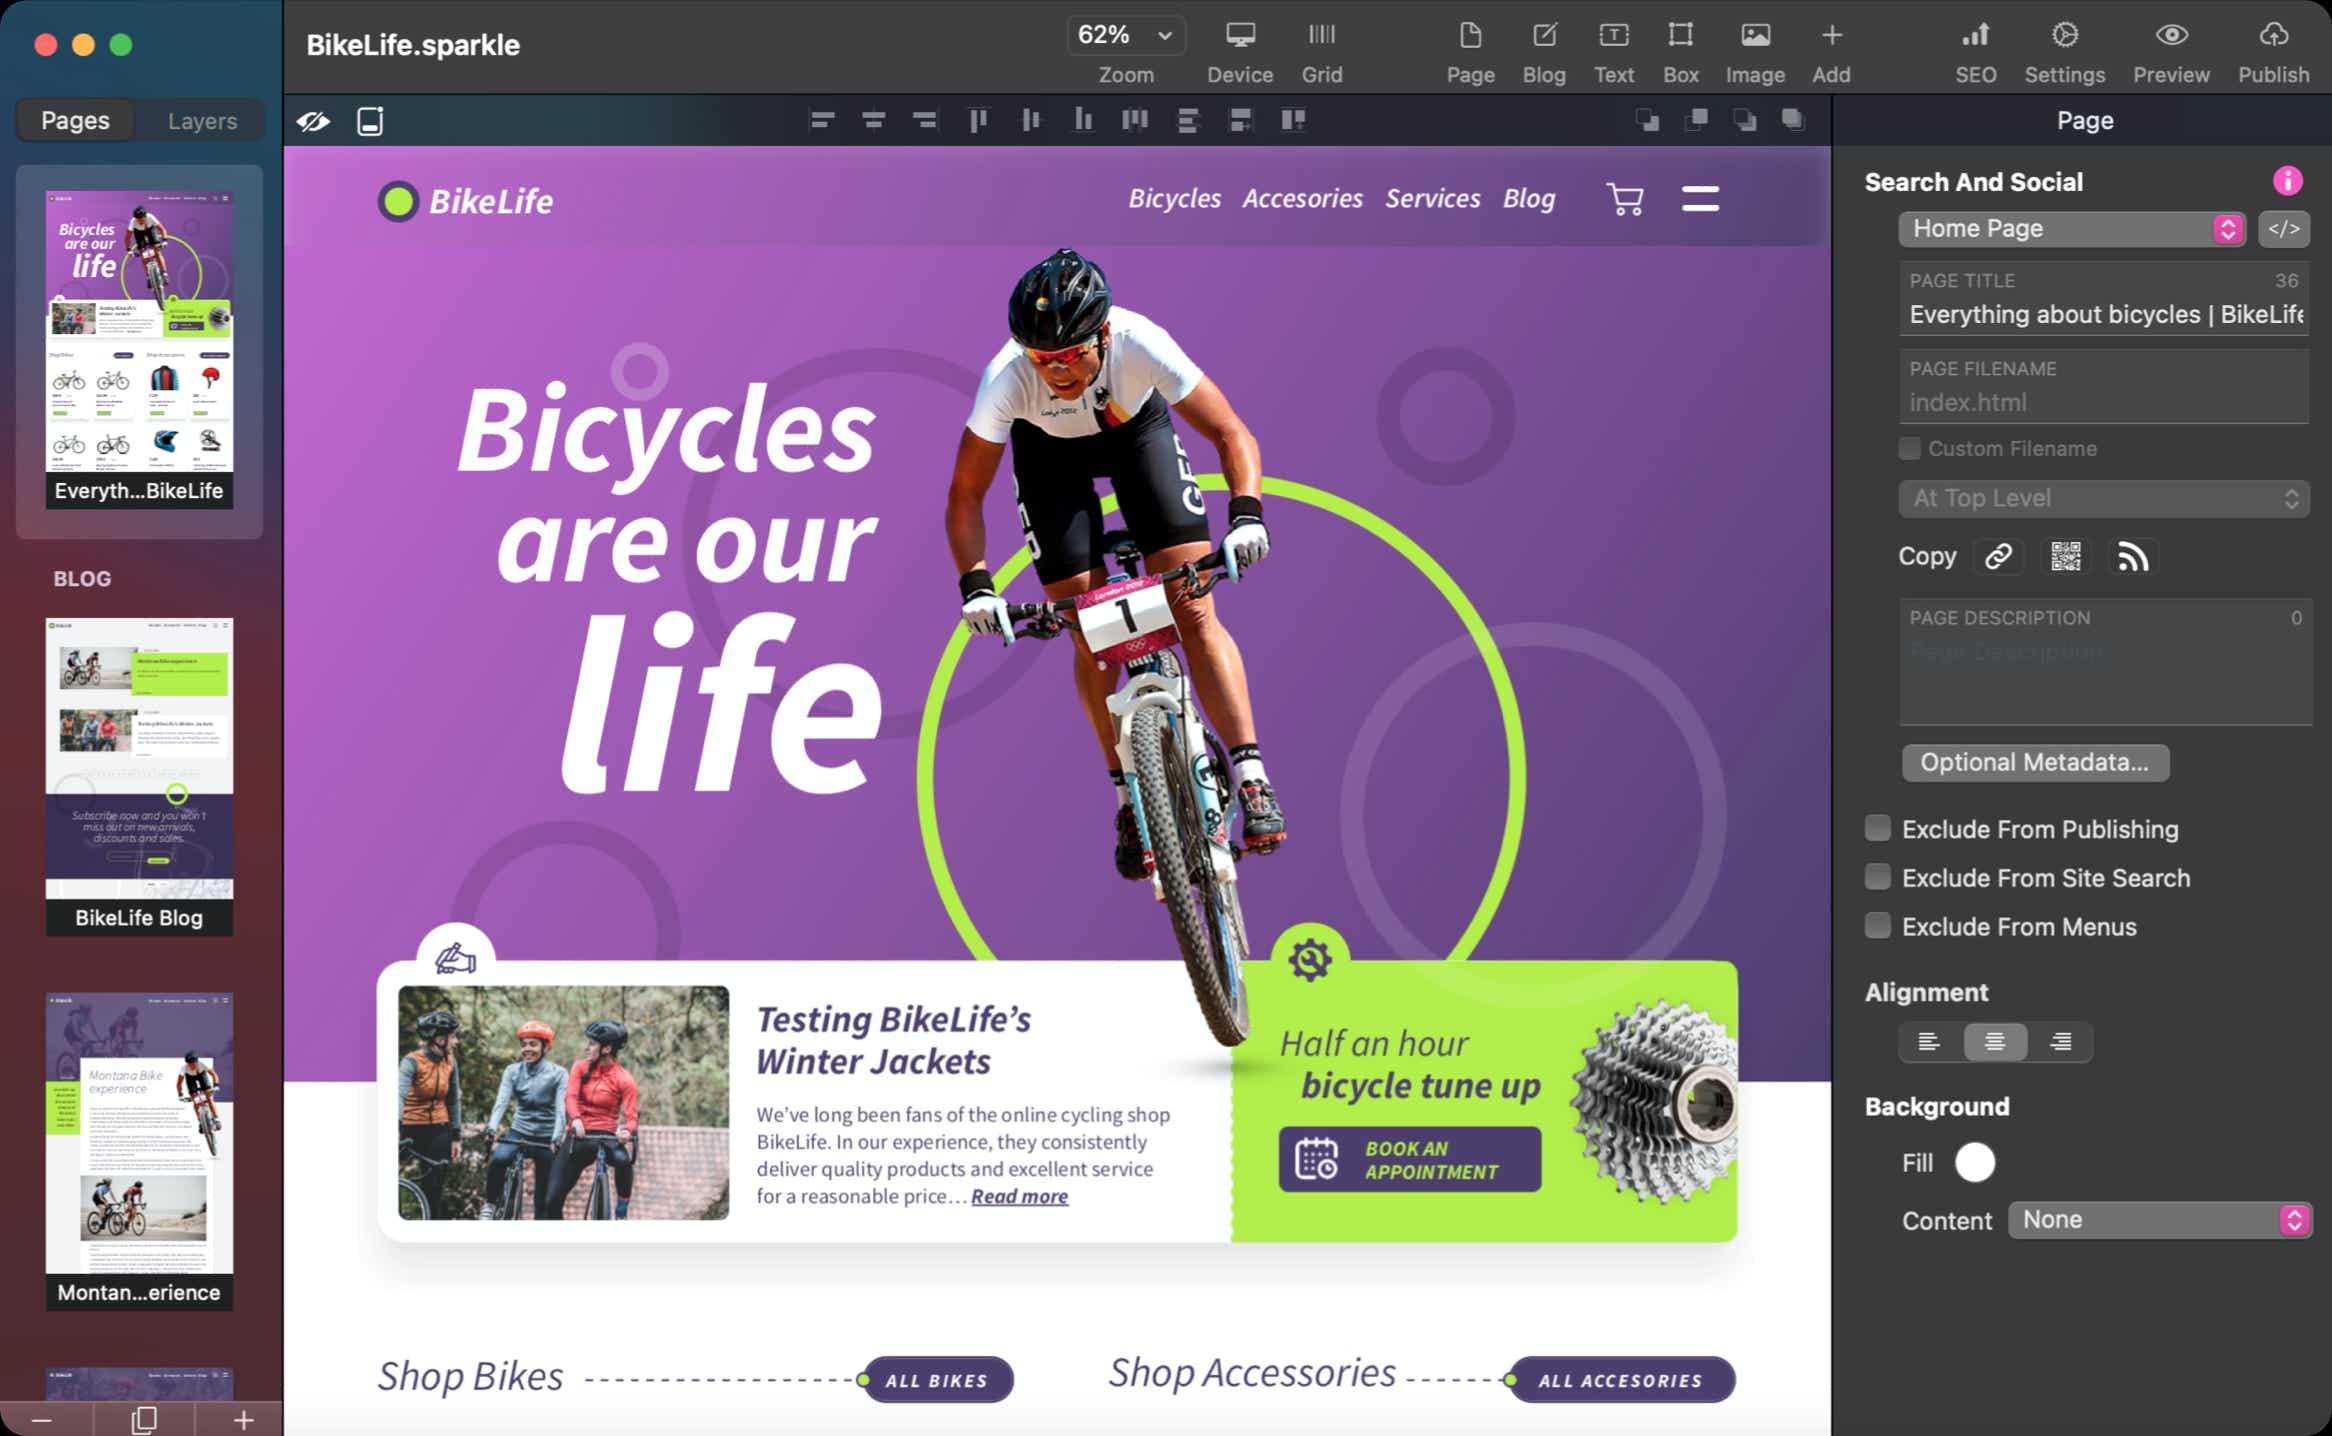 Sparkle 3, l'editor per creare siti web senza programmare ora nativo per i nuovi Mac e altre novità